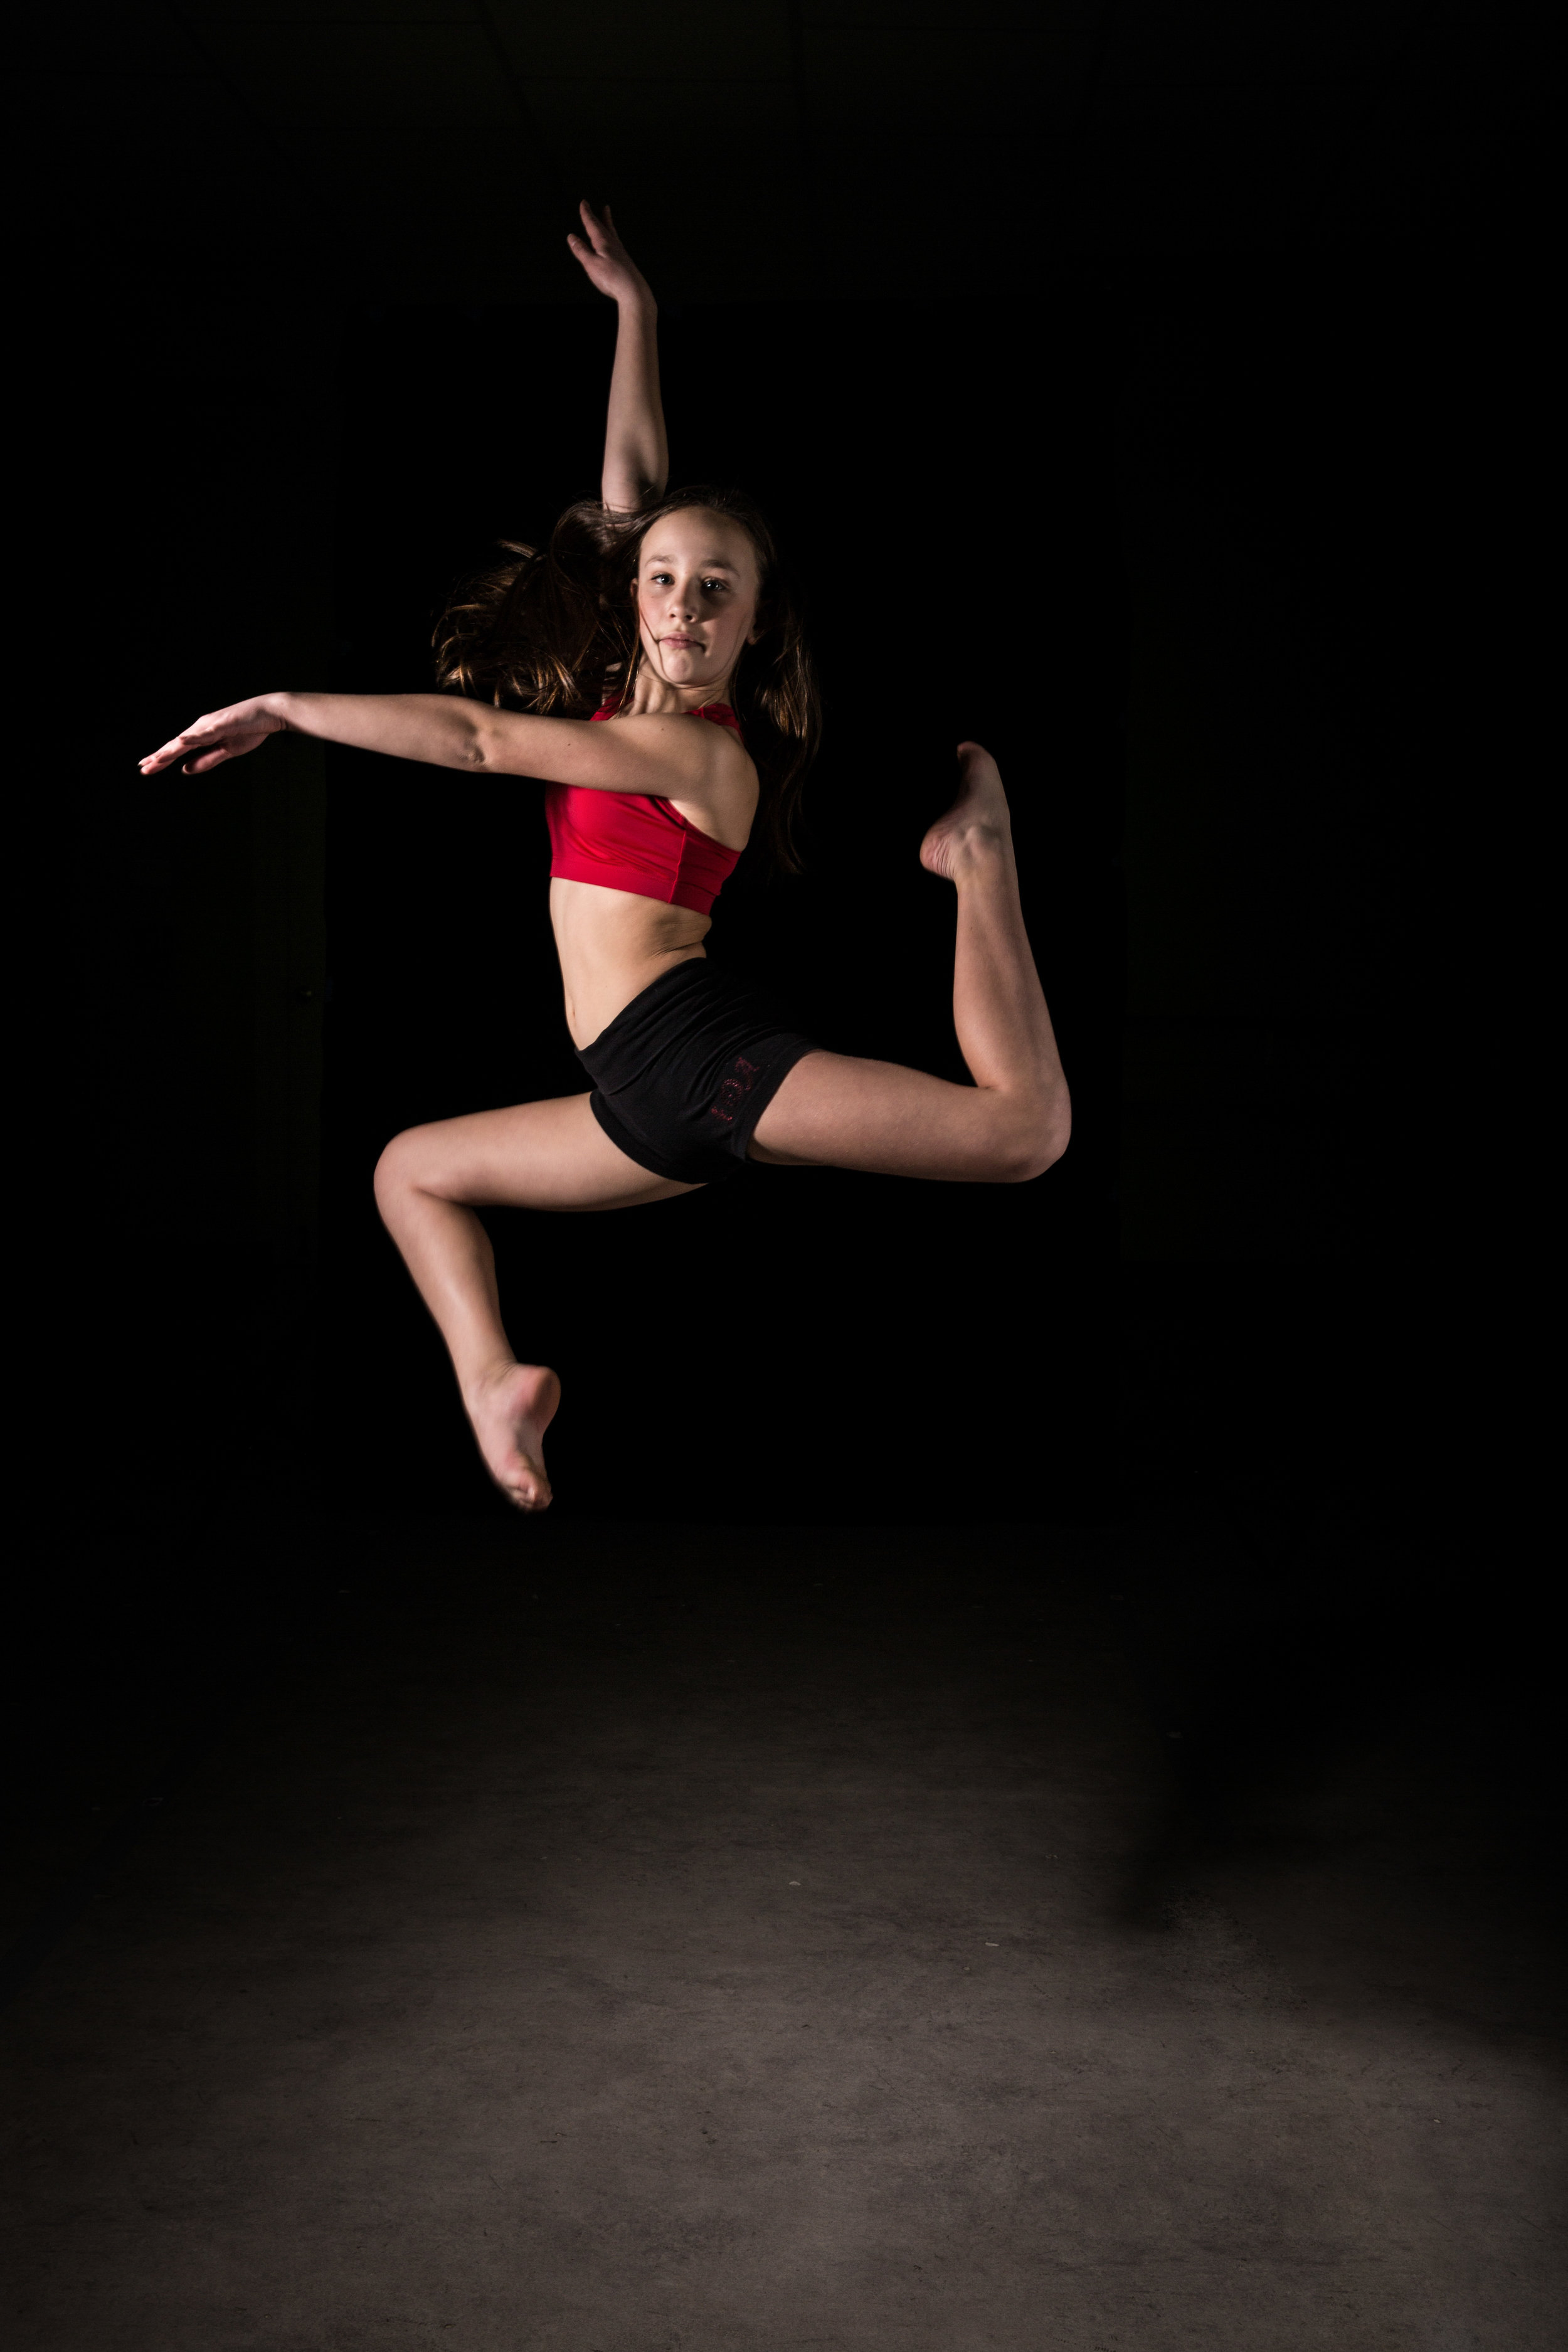 LR_Express_Dancer_Series-27.jpg